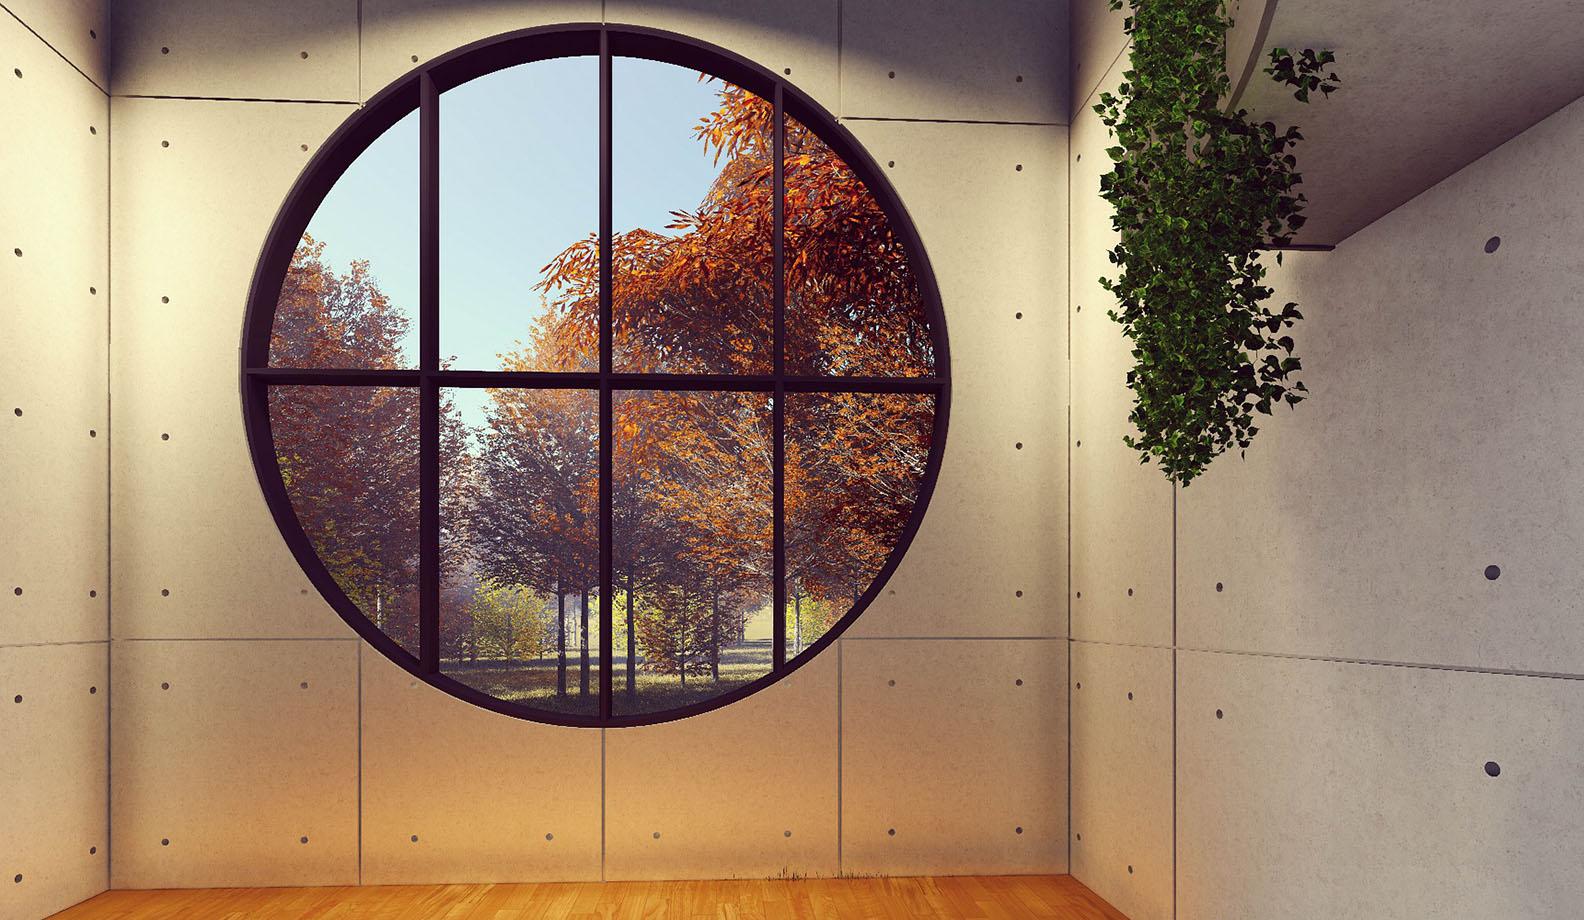 vidro acústico, vidro, vidros, janelas, janelas pvc